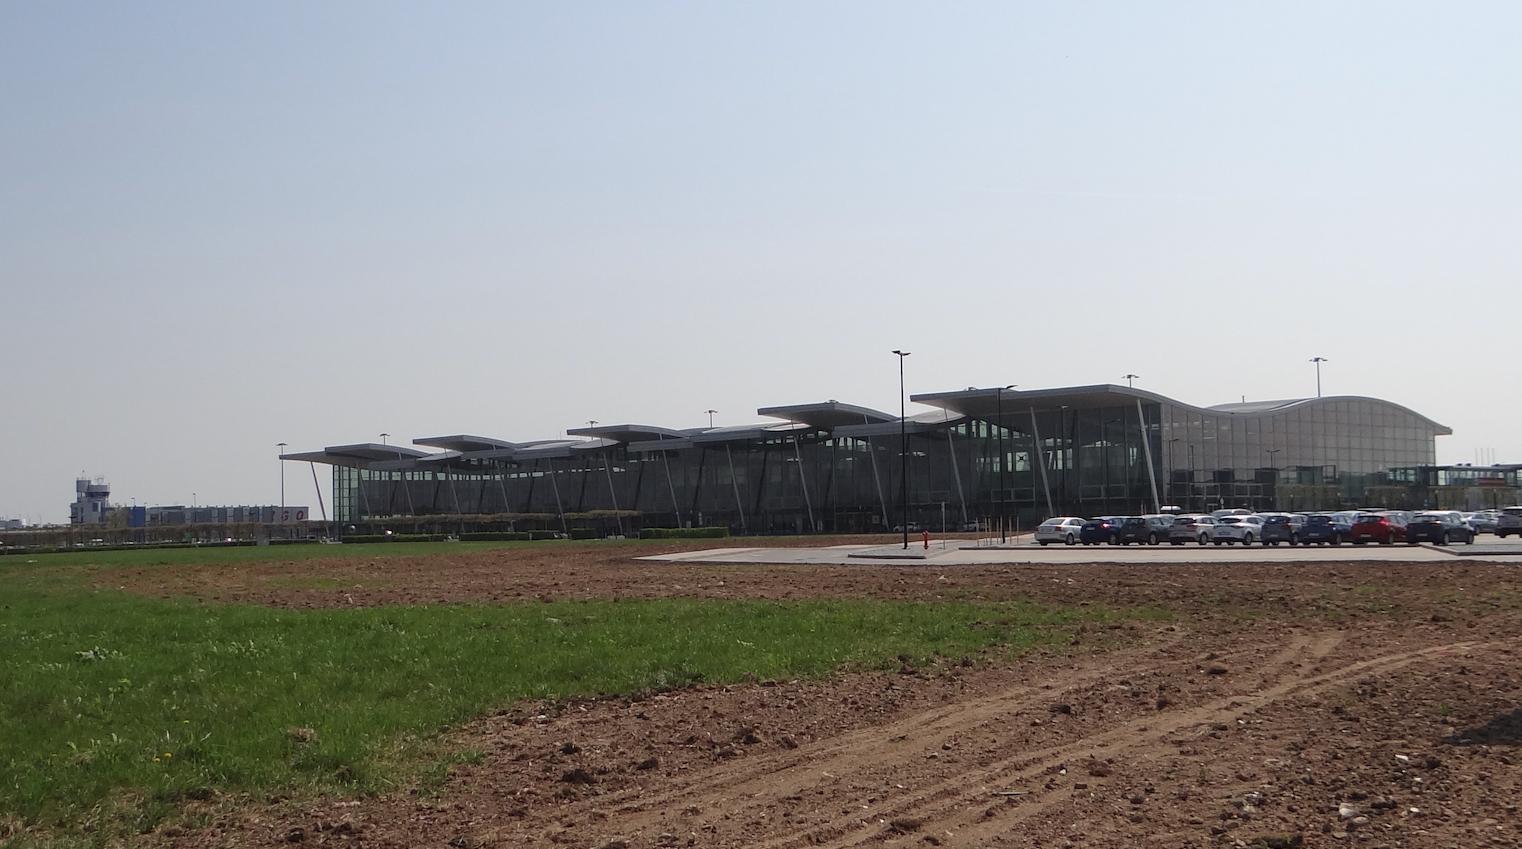 Wrocław. Terminal i wieża kontroli lotów. 2018 rok. Zdjęcie Karol Placha Hetman